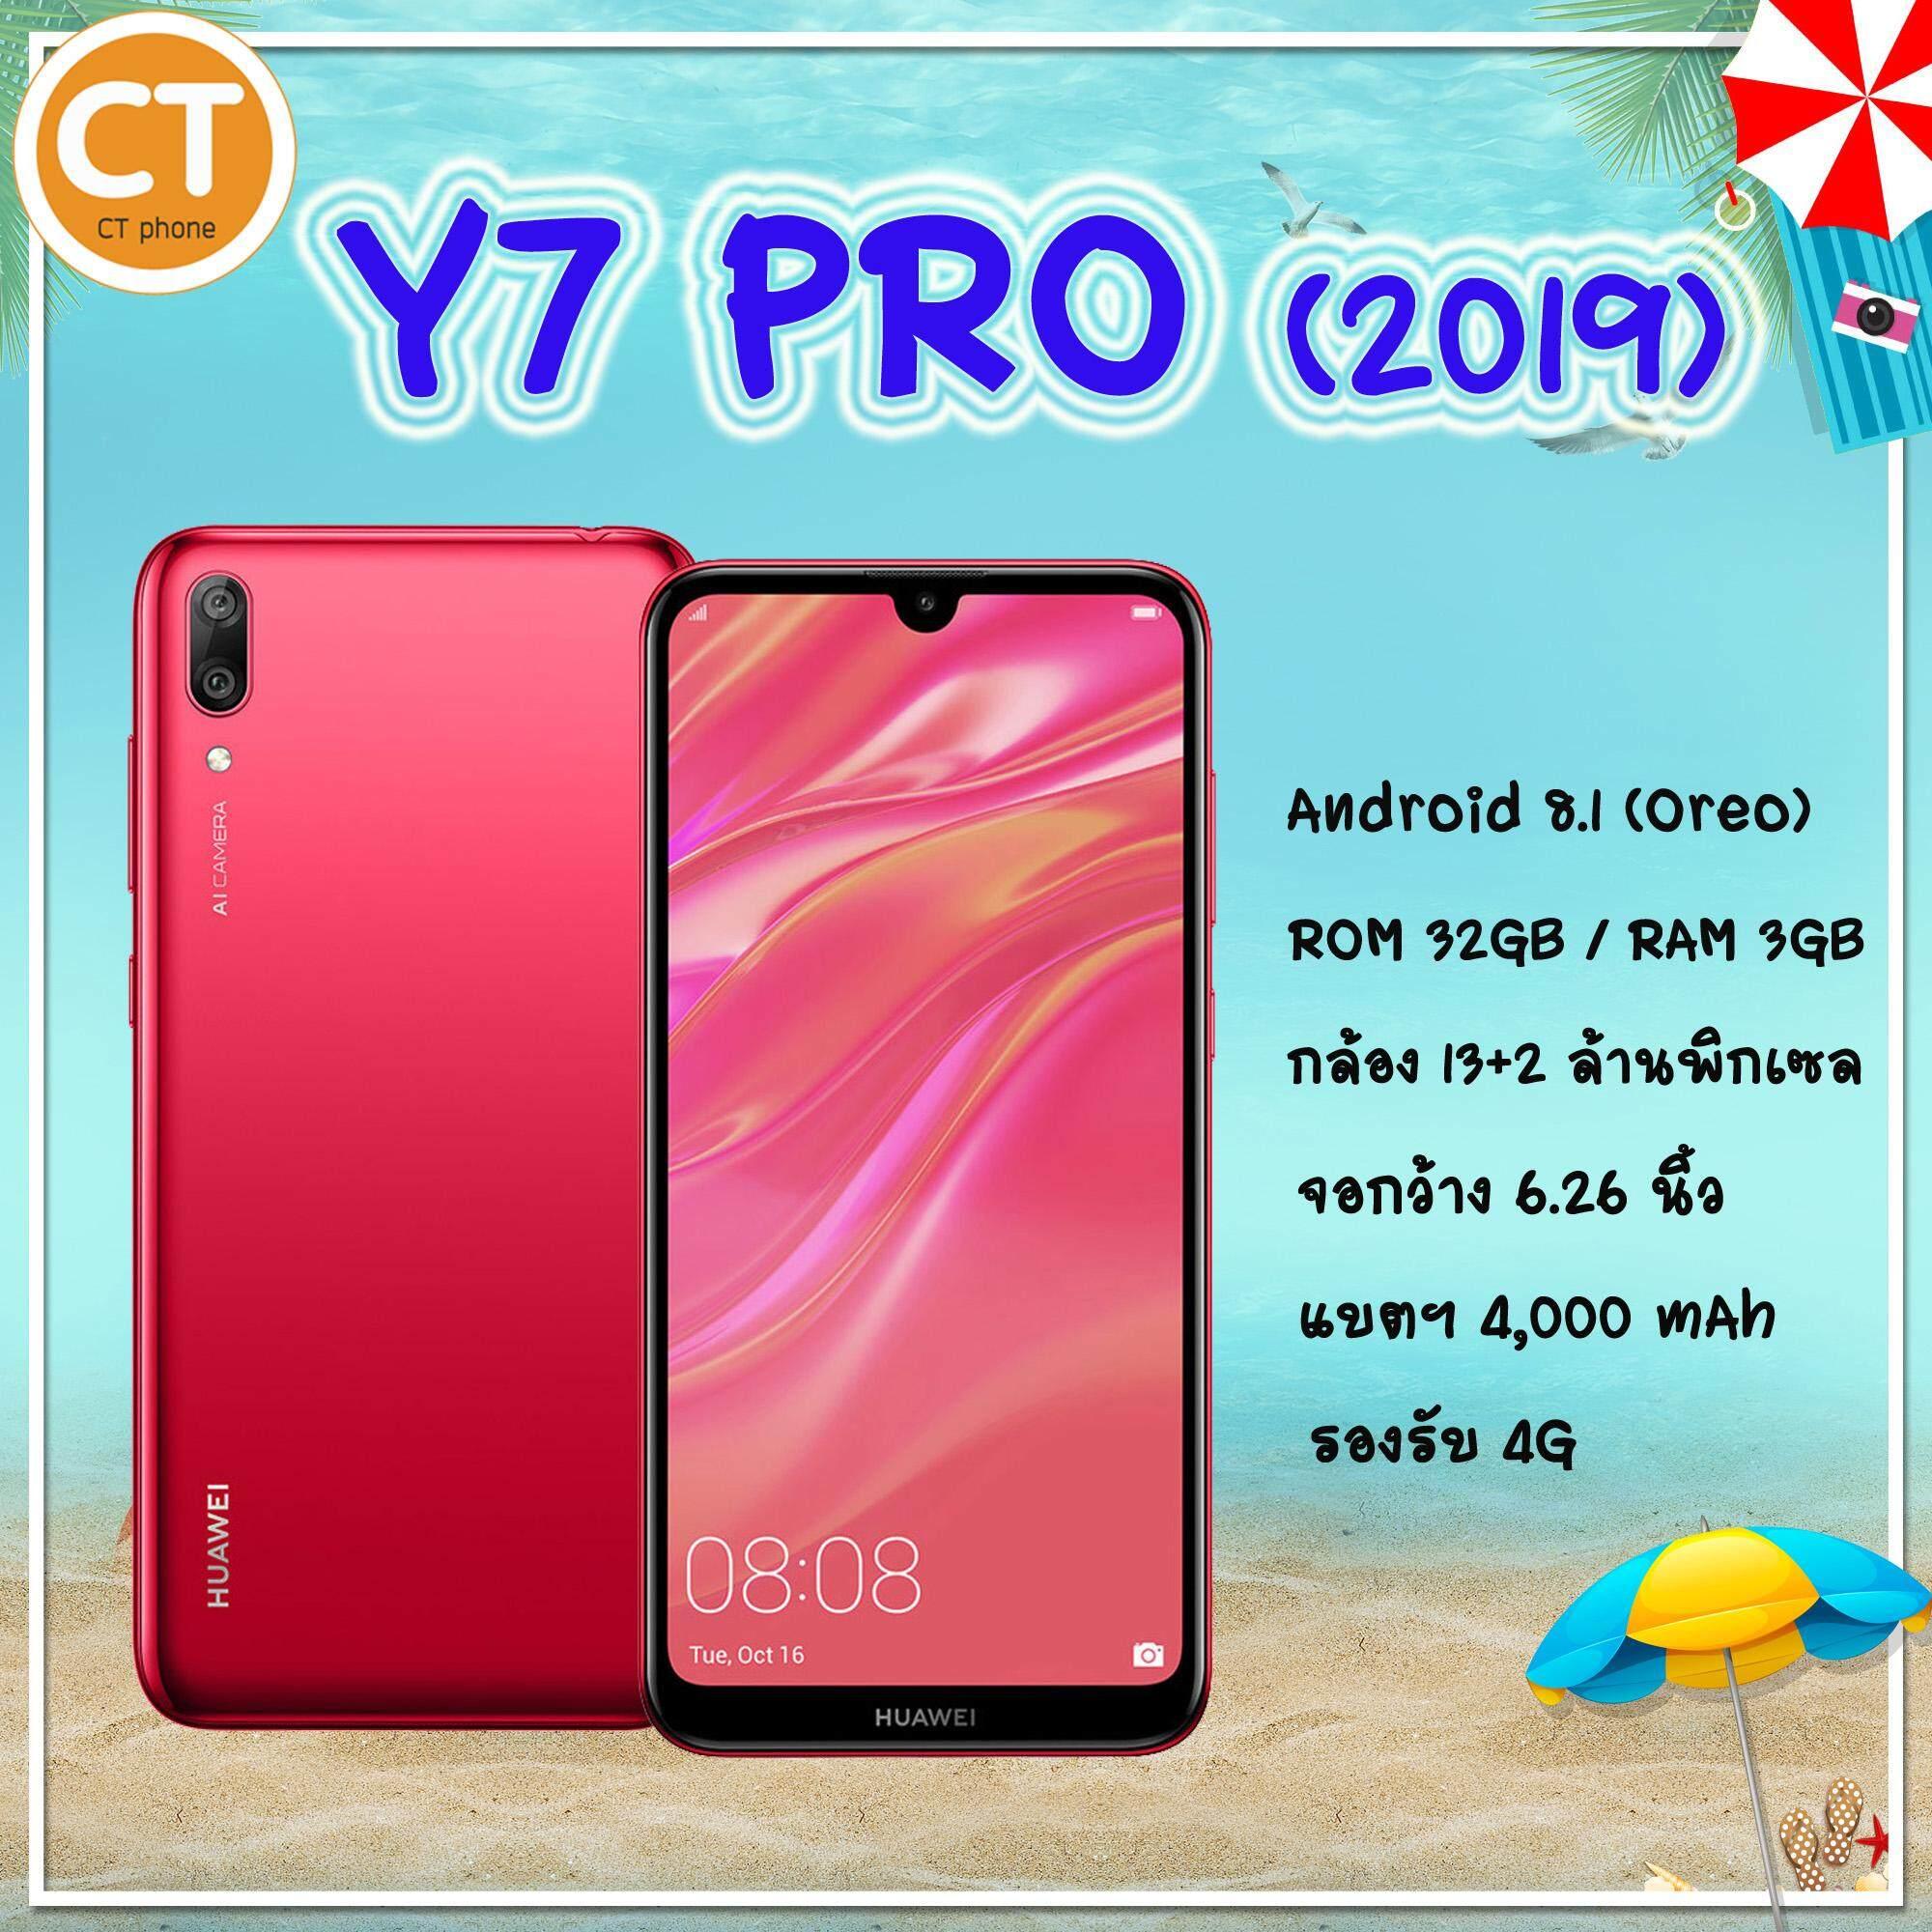 เก็บเงินปลายทางได้ Huawei Y7PRO 2019 แถมฟรี !! เคสใส ส่งฟรี kerry